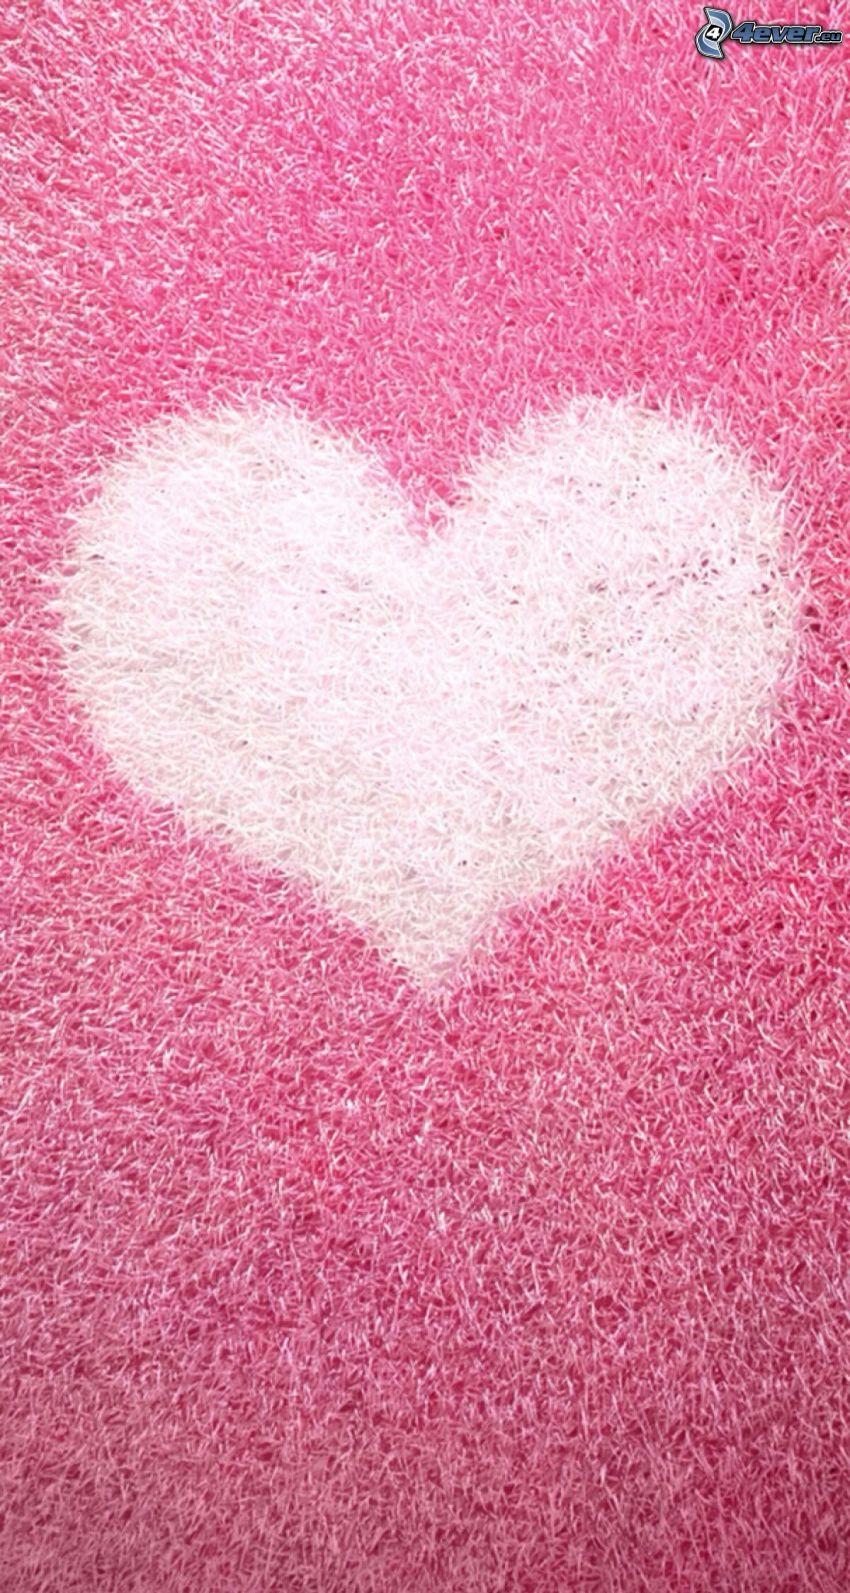 cuore, sfondo rosa